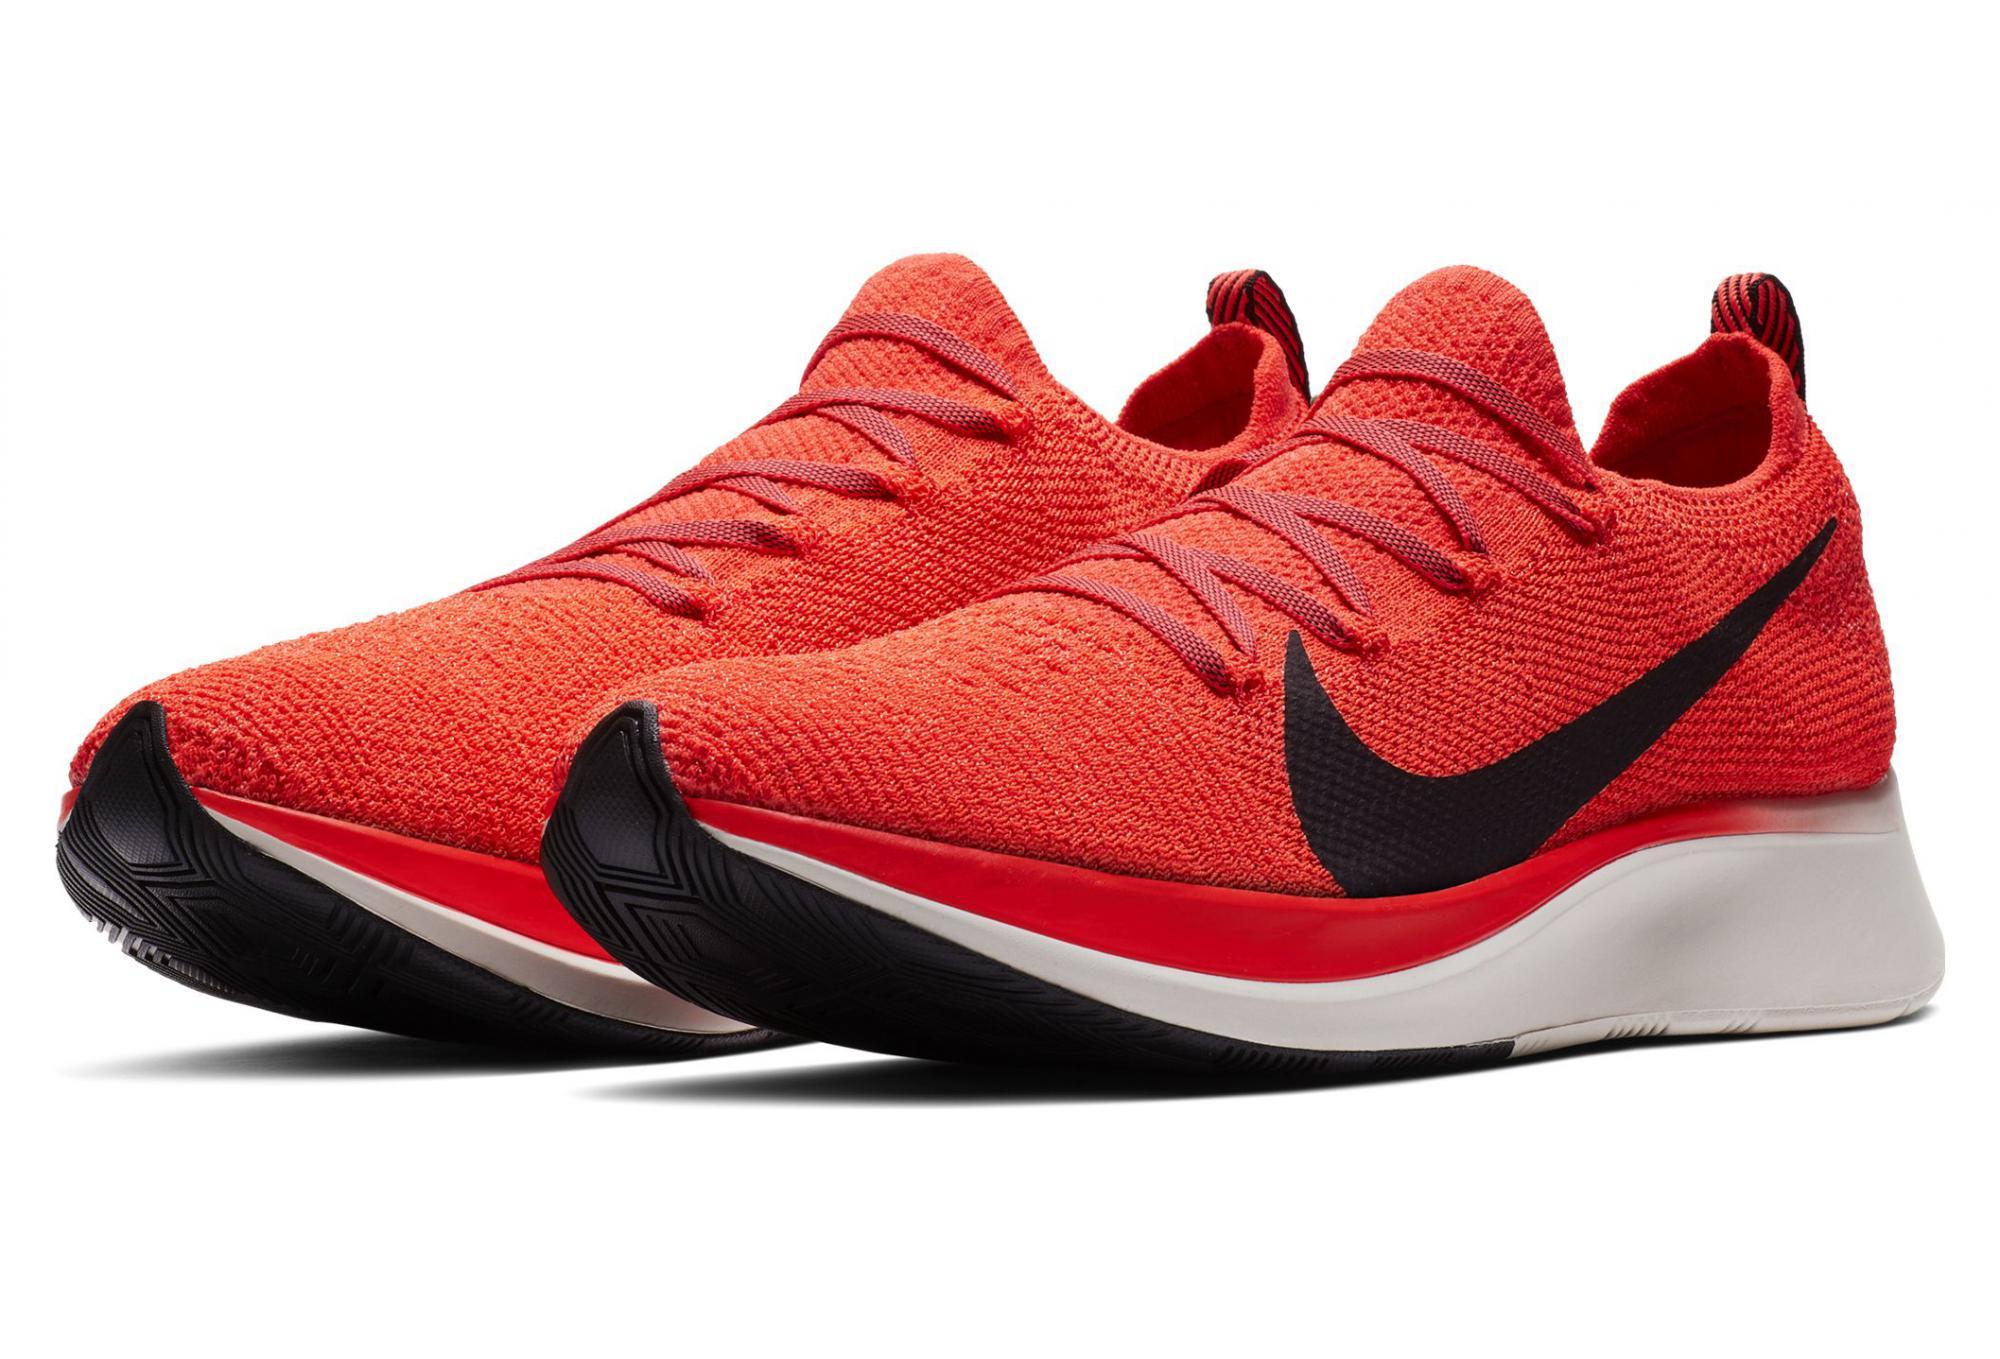 b537af230e2 Nike Zoom Fly Flyknit Red Black Men